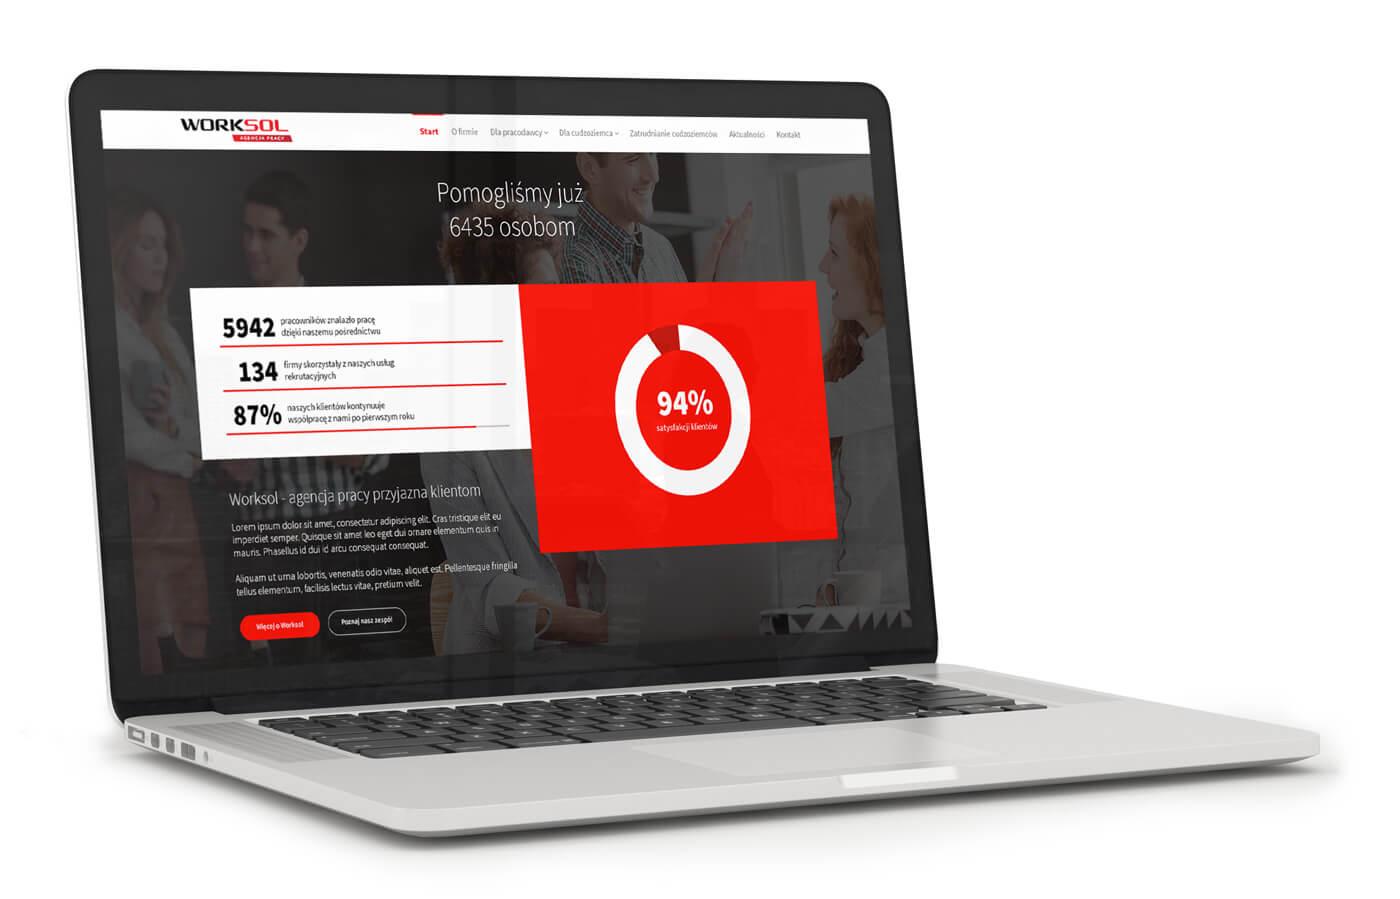 Worksol - strona agencji pracy tymczasowej, serwis z ofertami pracy